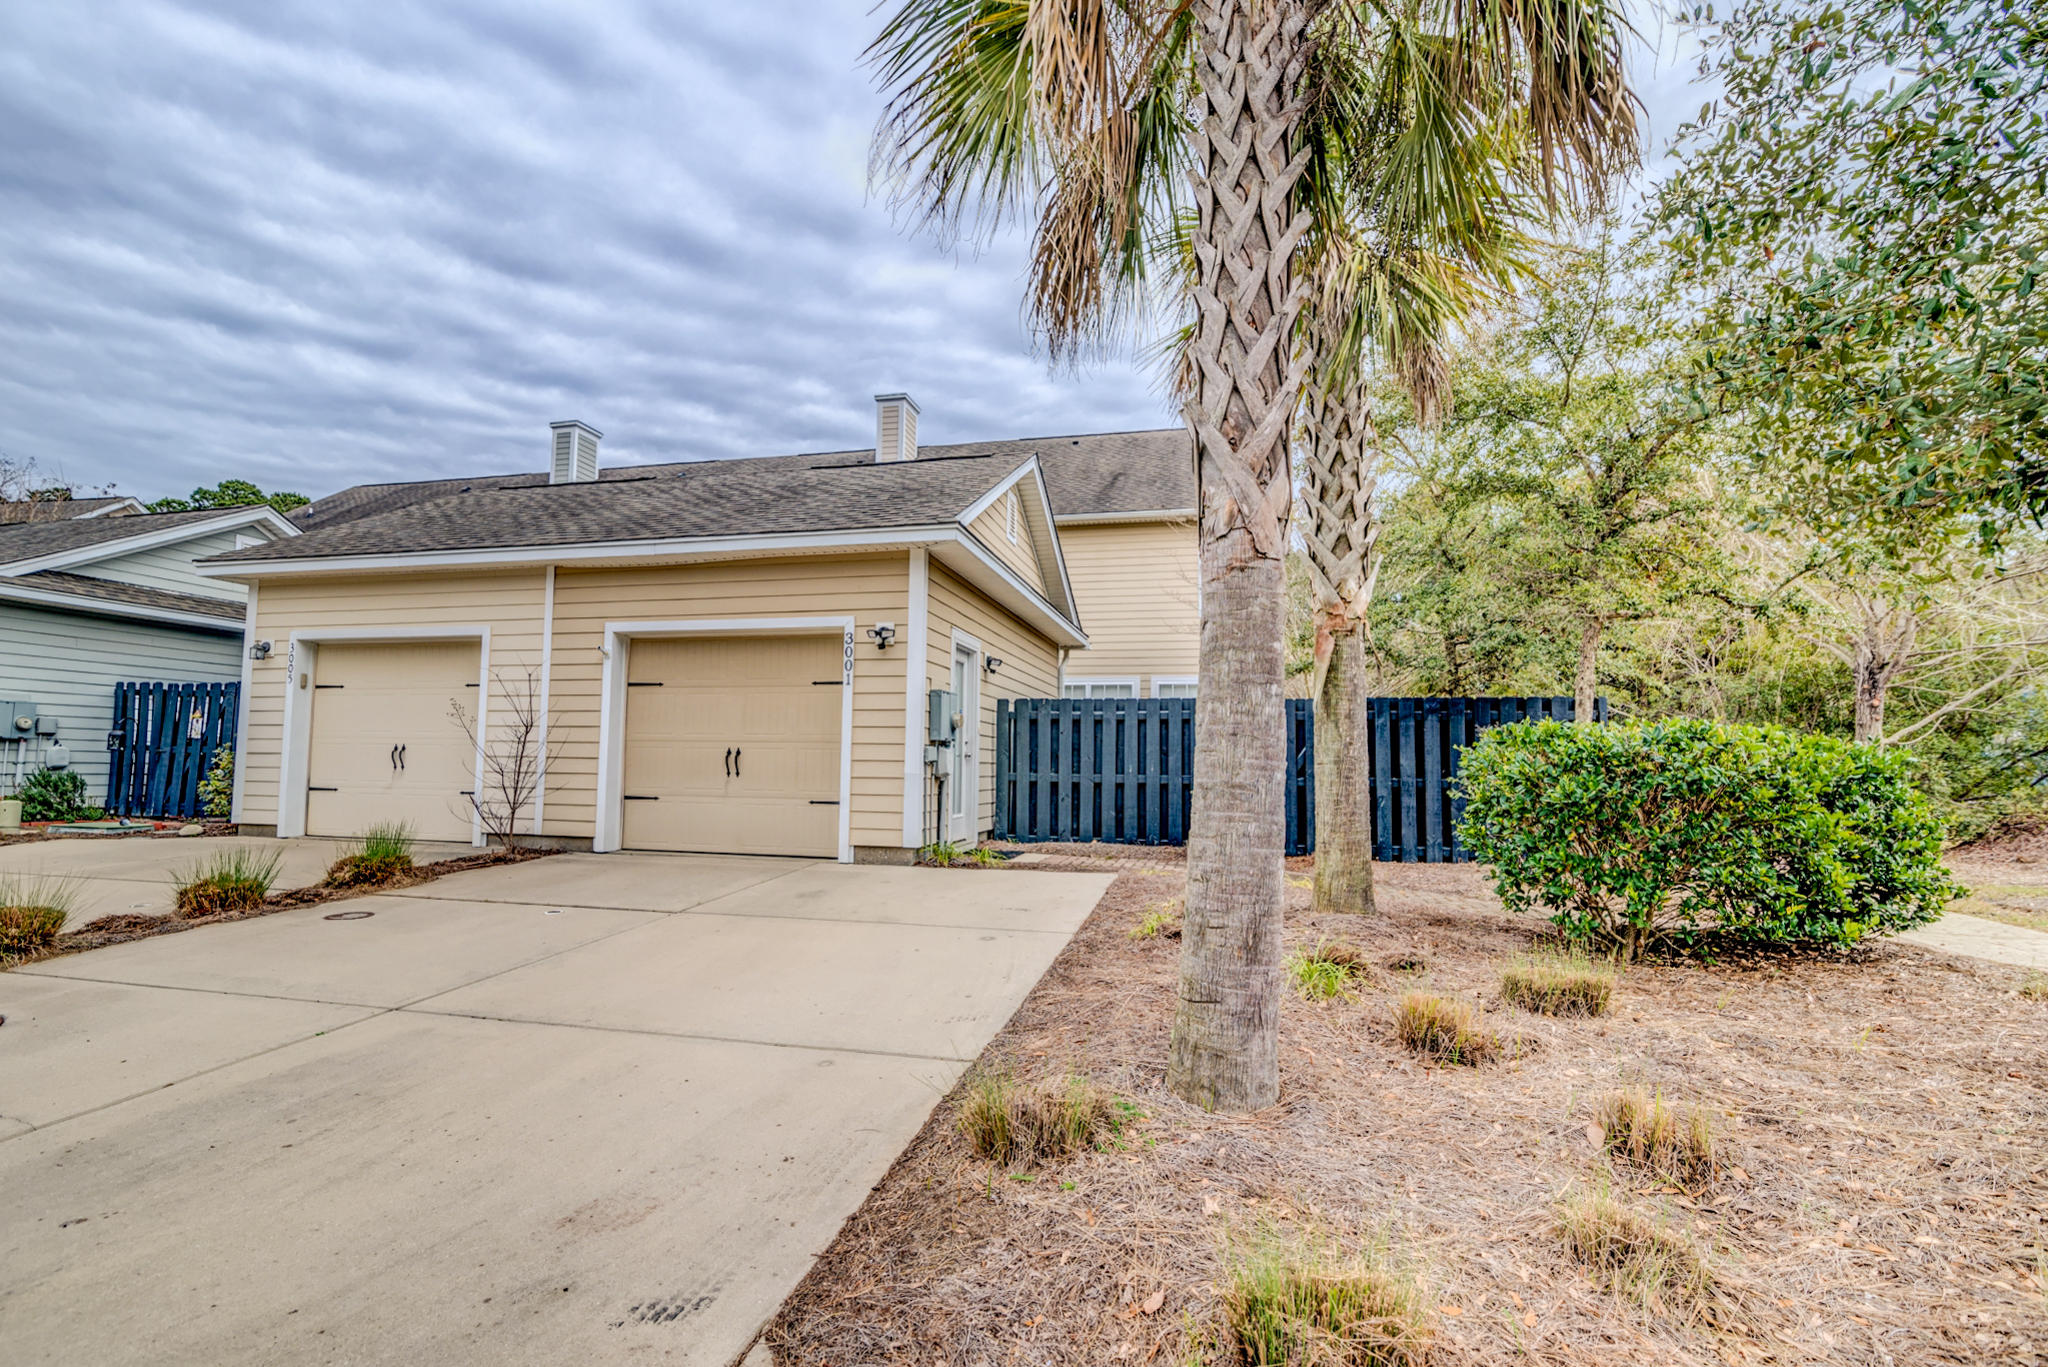 Park West Homes For Sale - 3001 Parkwest, Mount Pleasant, SC - 20